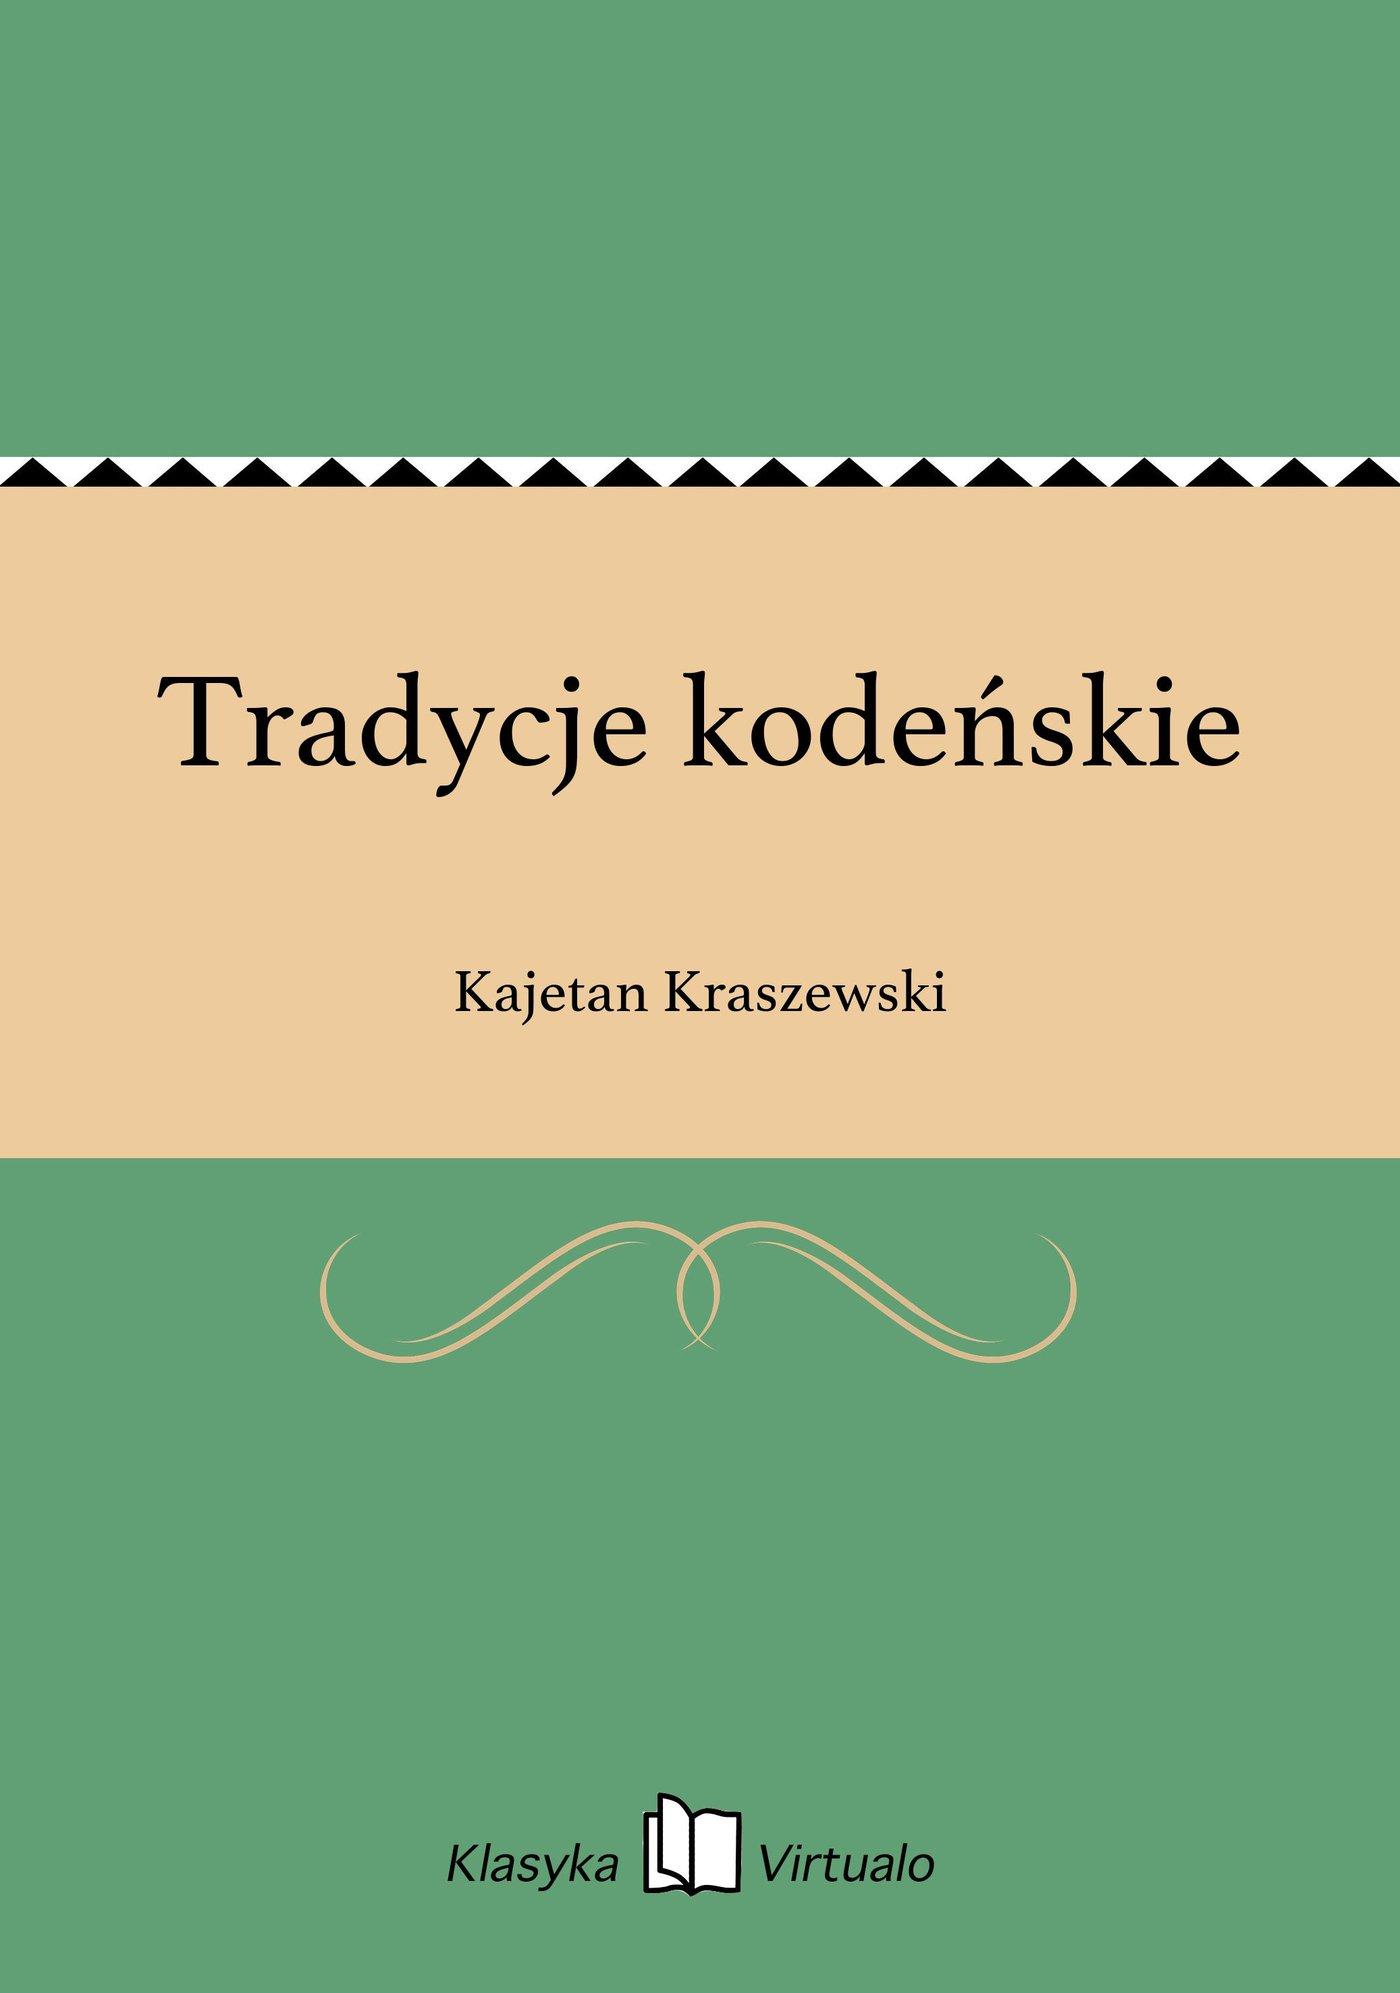 Tradycje kodeńskie - Ebook (Książka EPUB) do pobrania w formacie EPUB